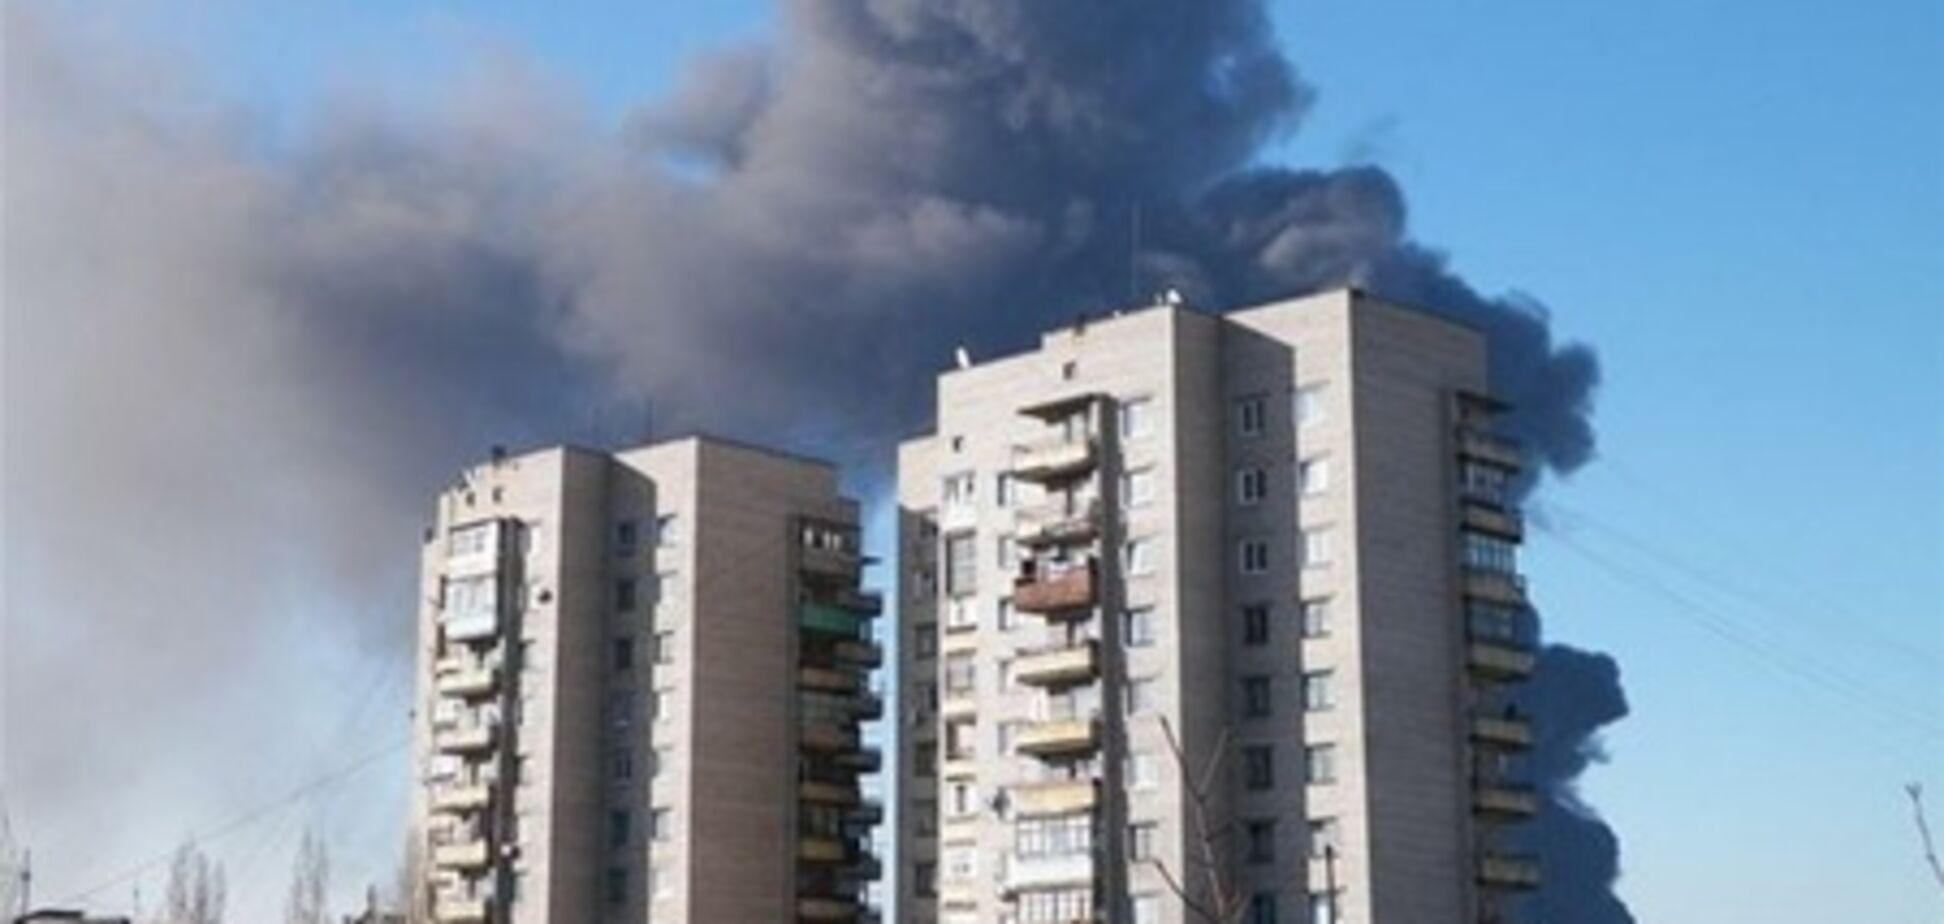 Прокуратура расследует пожар на Углегорской ТЭС